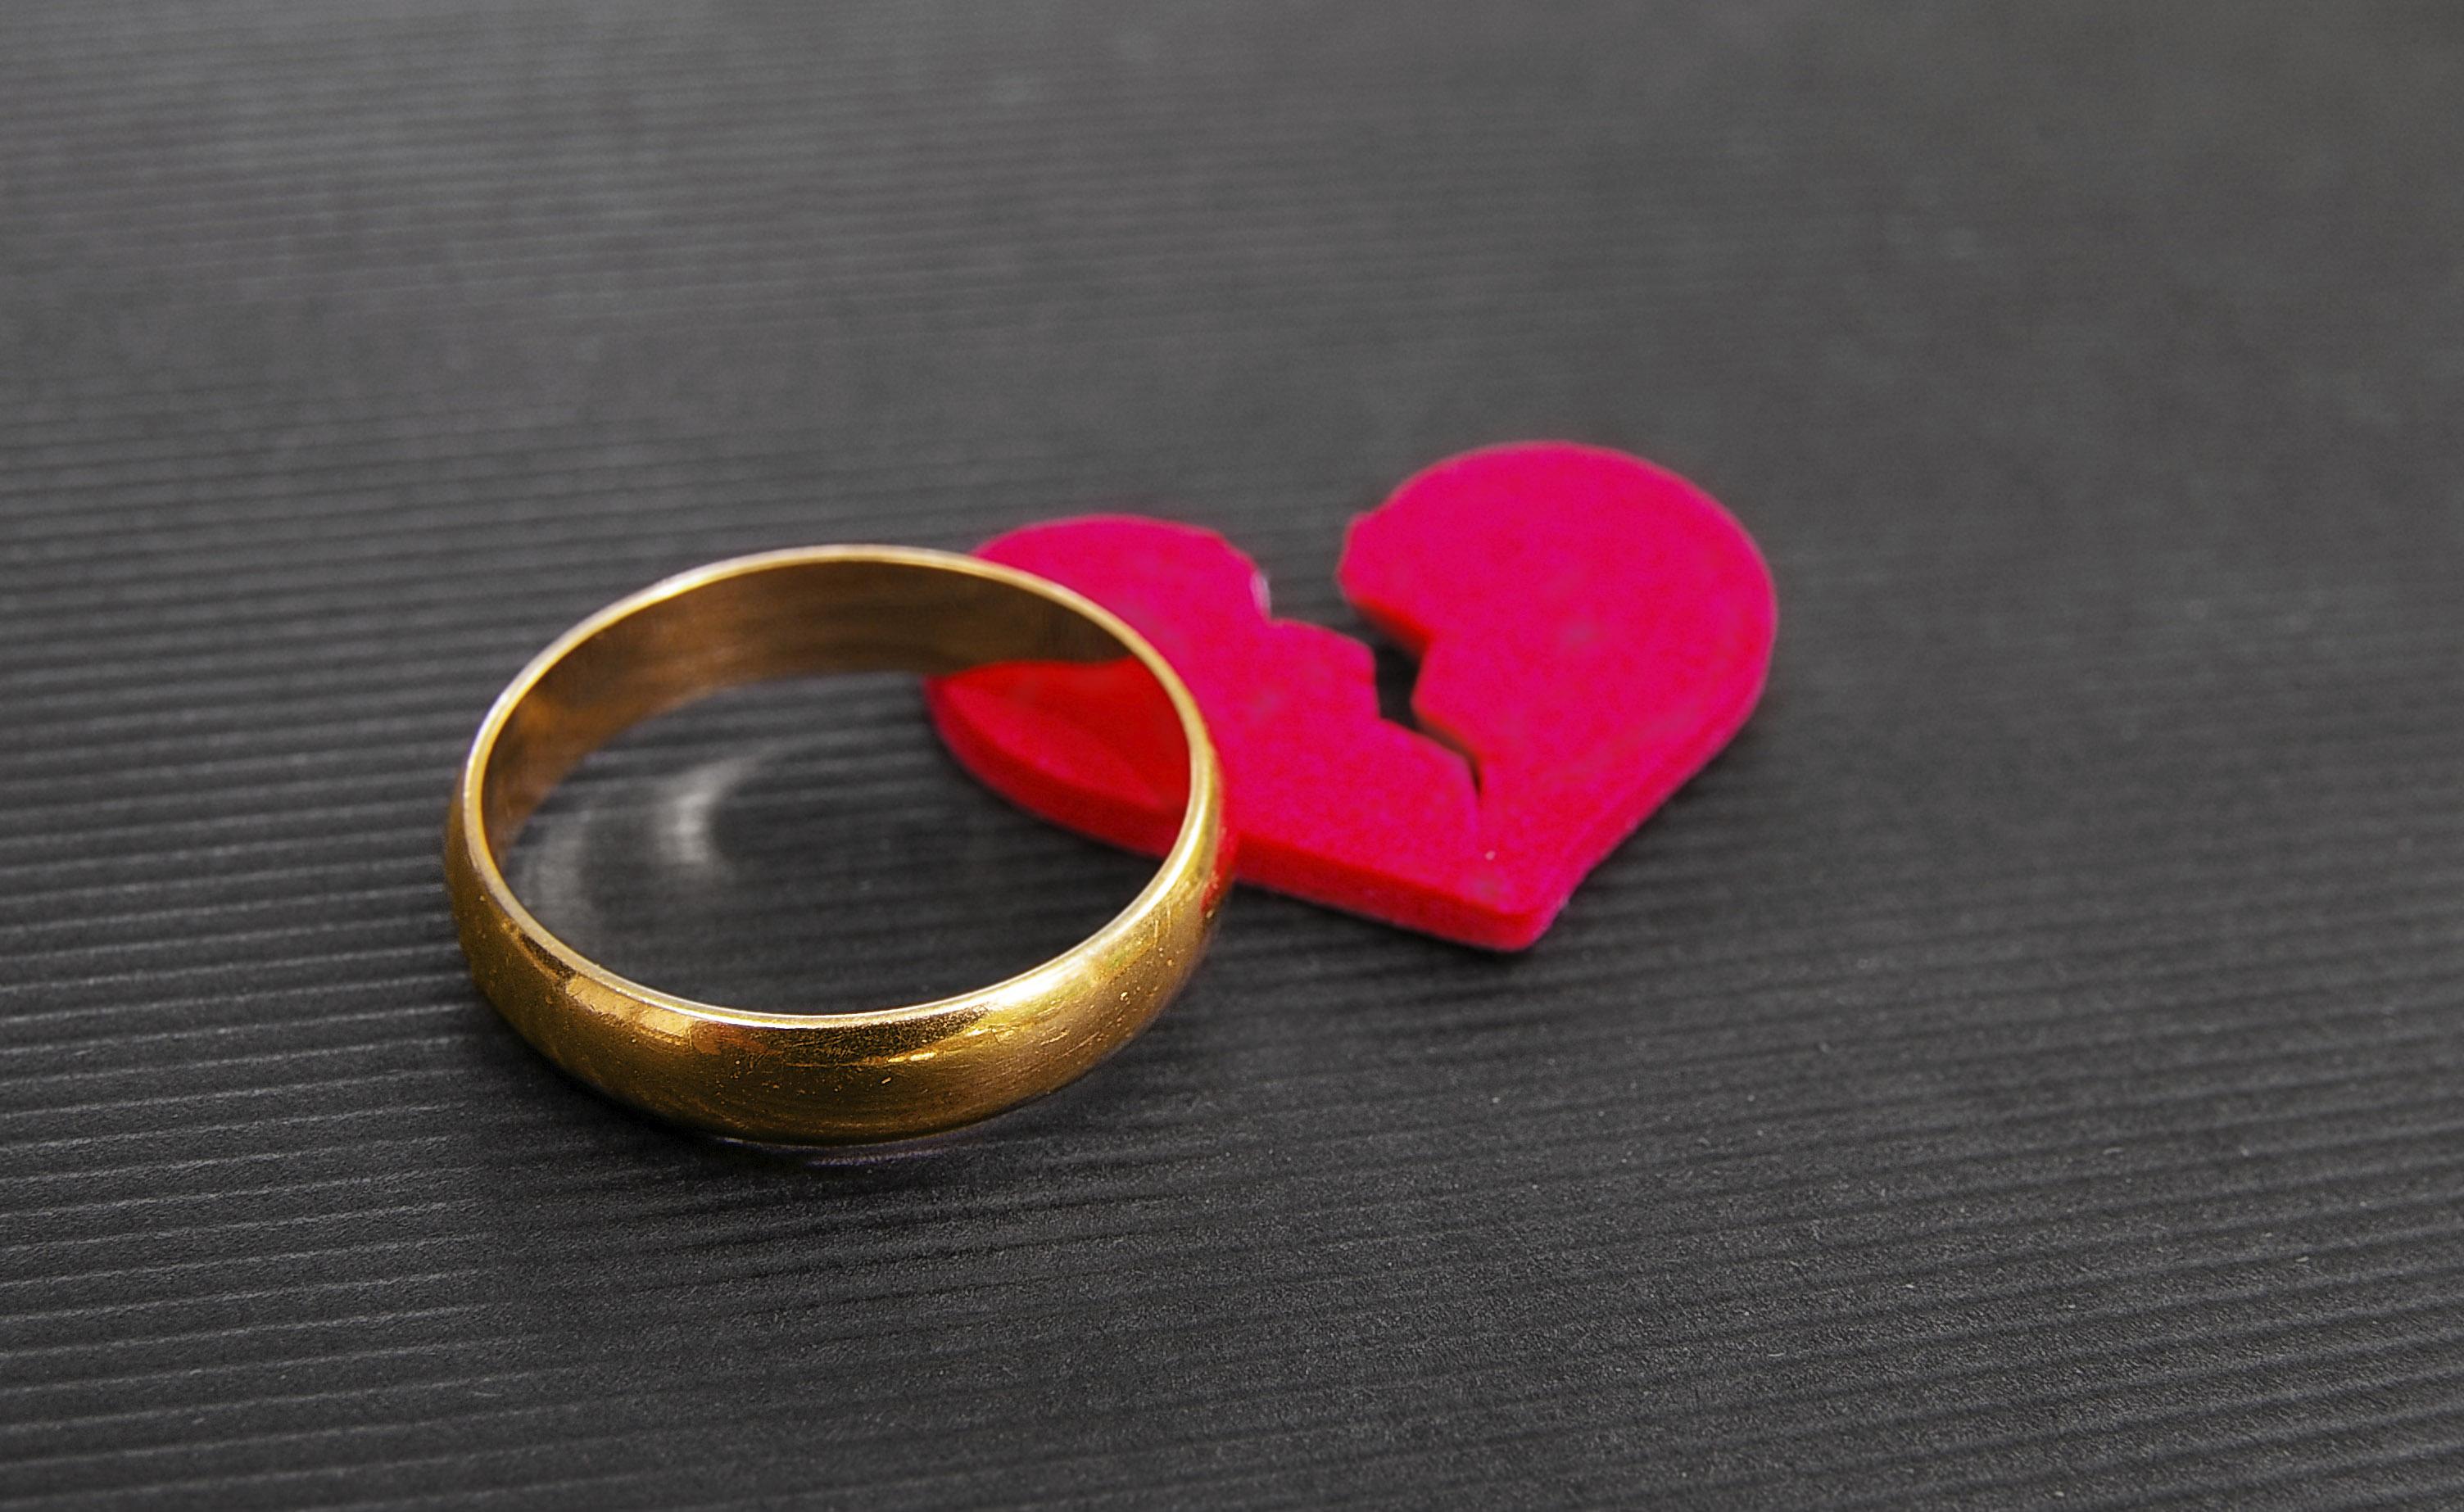 Infarto: il divorzio e i problemi di coppia tra le cause